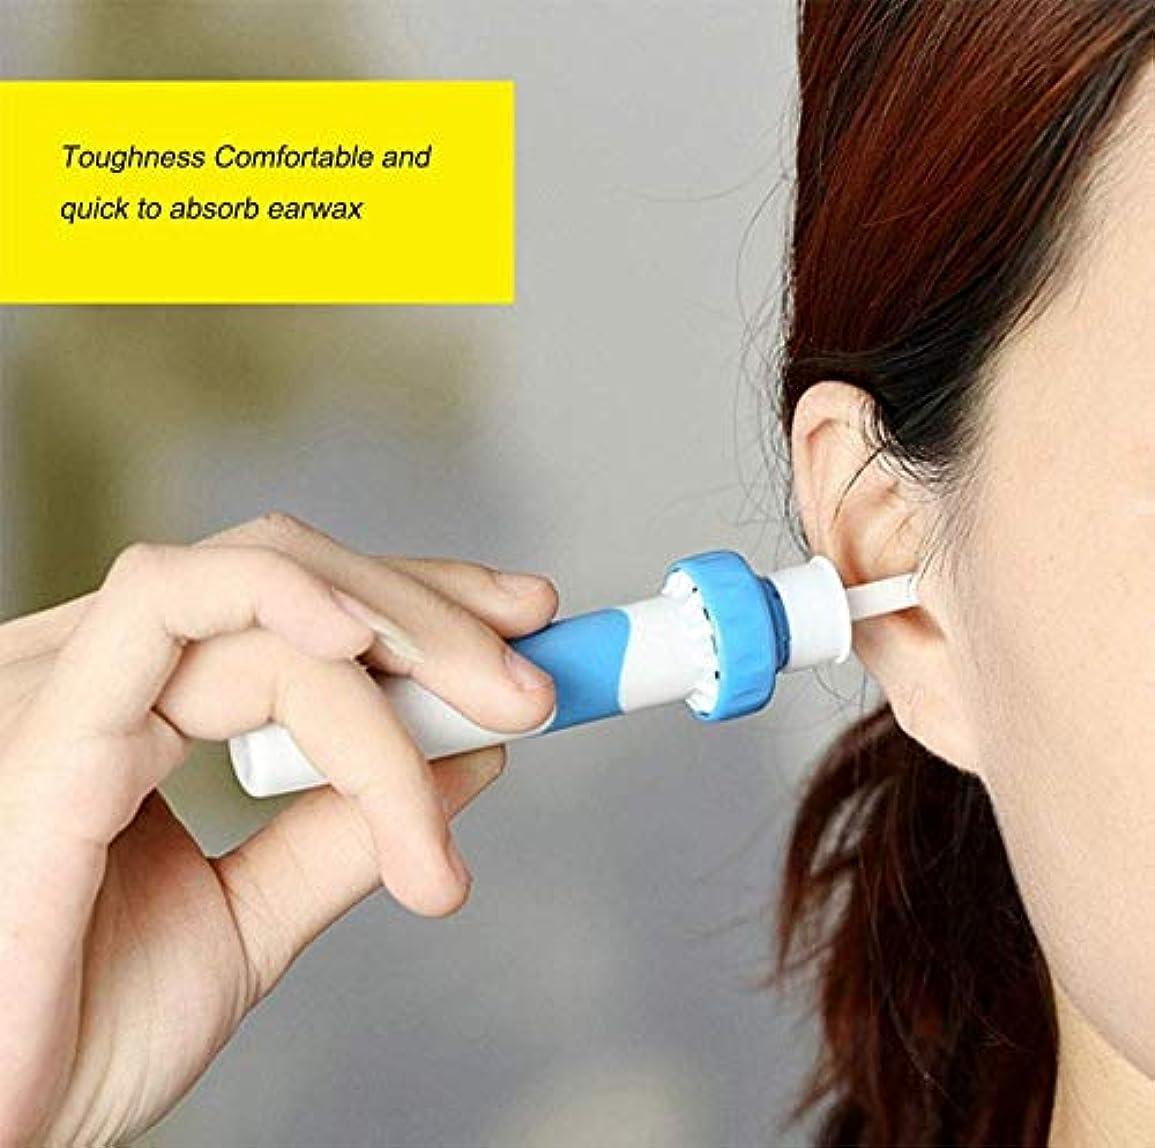 異なるベーリング海峡広範囲ポータブル自動電動バキューム耳ワックス耳垢除去ツールキット、耳掃除機簡単耳垢の除去ソフトを防ぐ大人子供のために設定クリーンツール(2個)を耳ピック